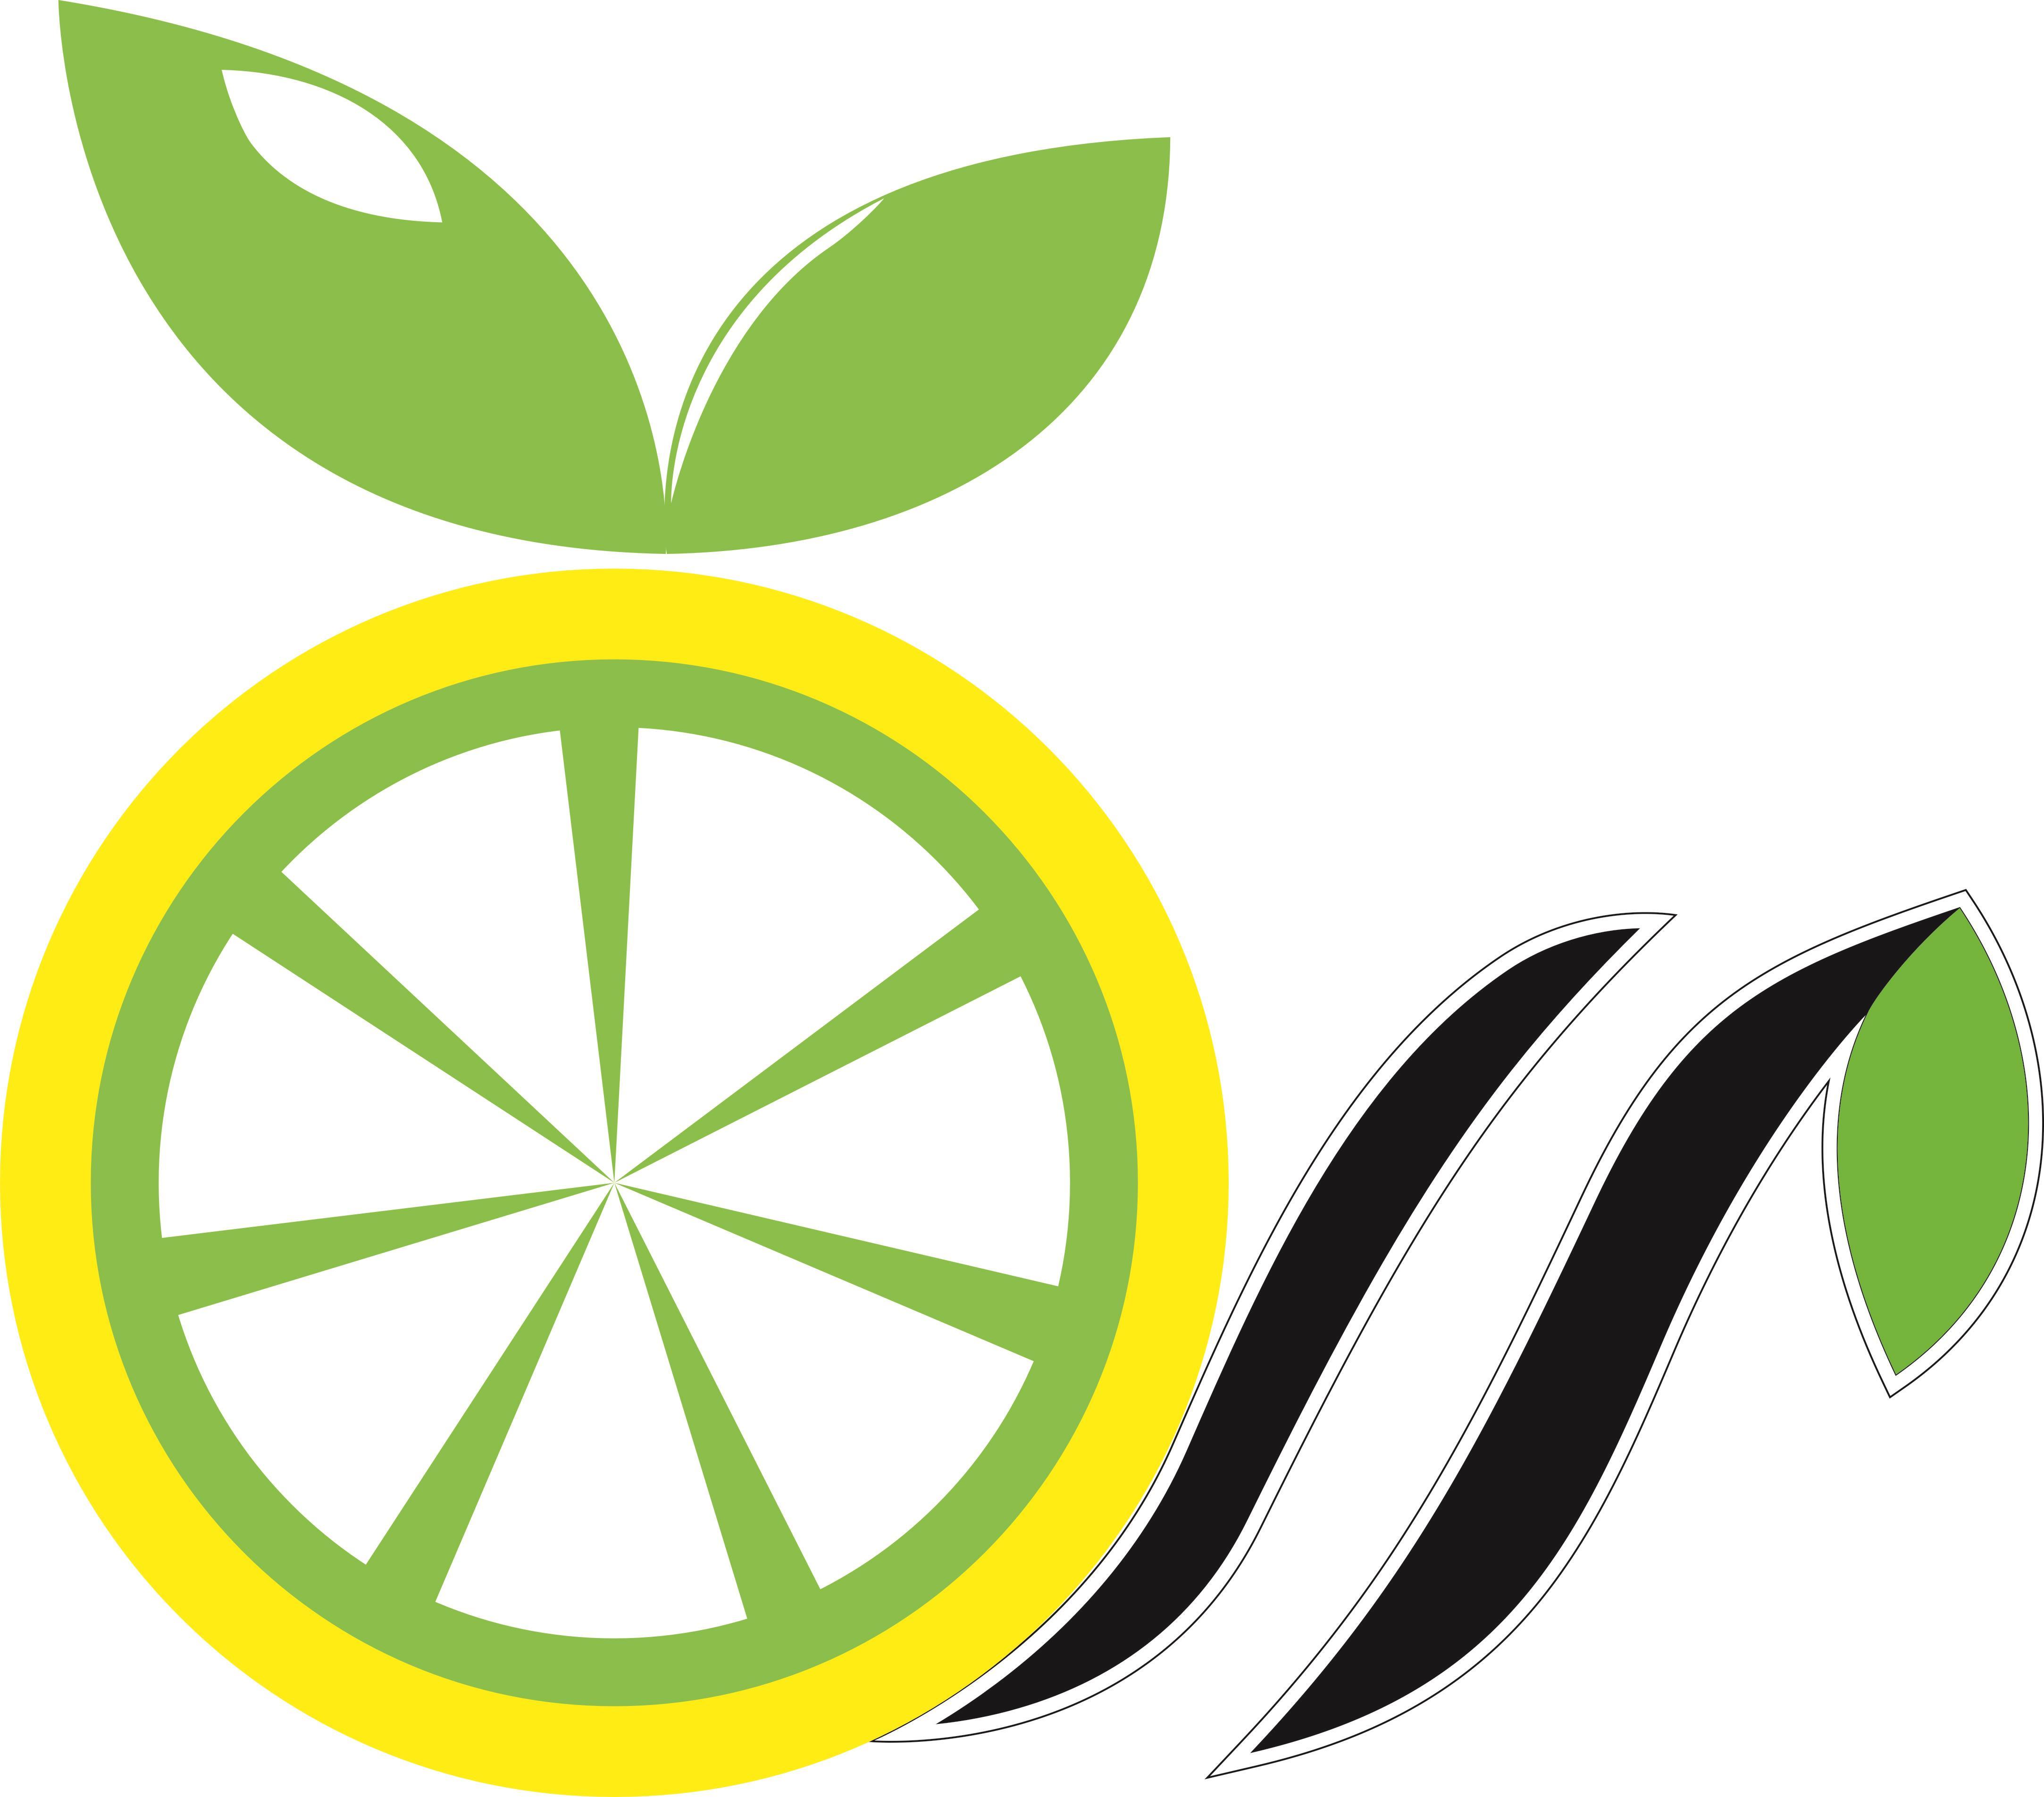 logo logo 标志 设计 矢量 矢量图 素材 图标 4332_3809